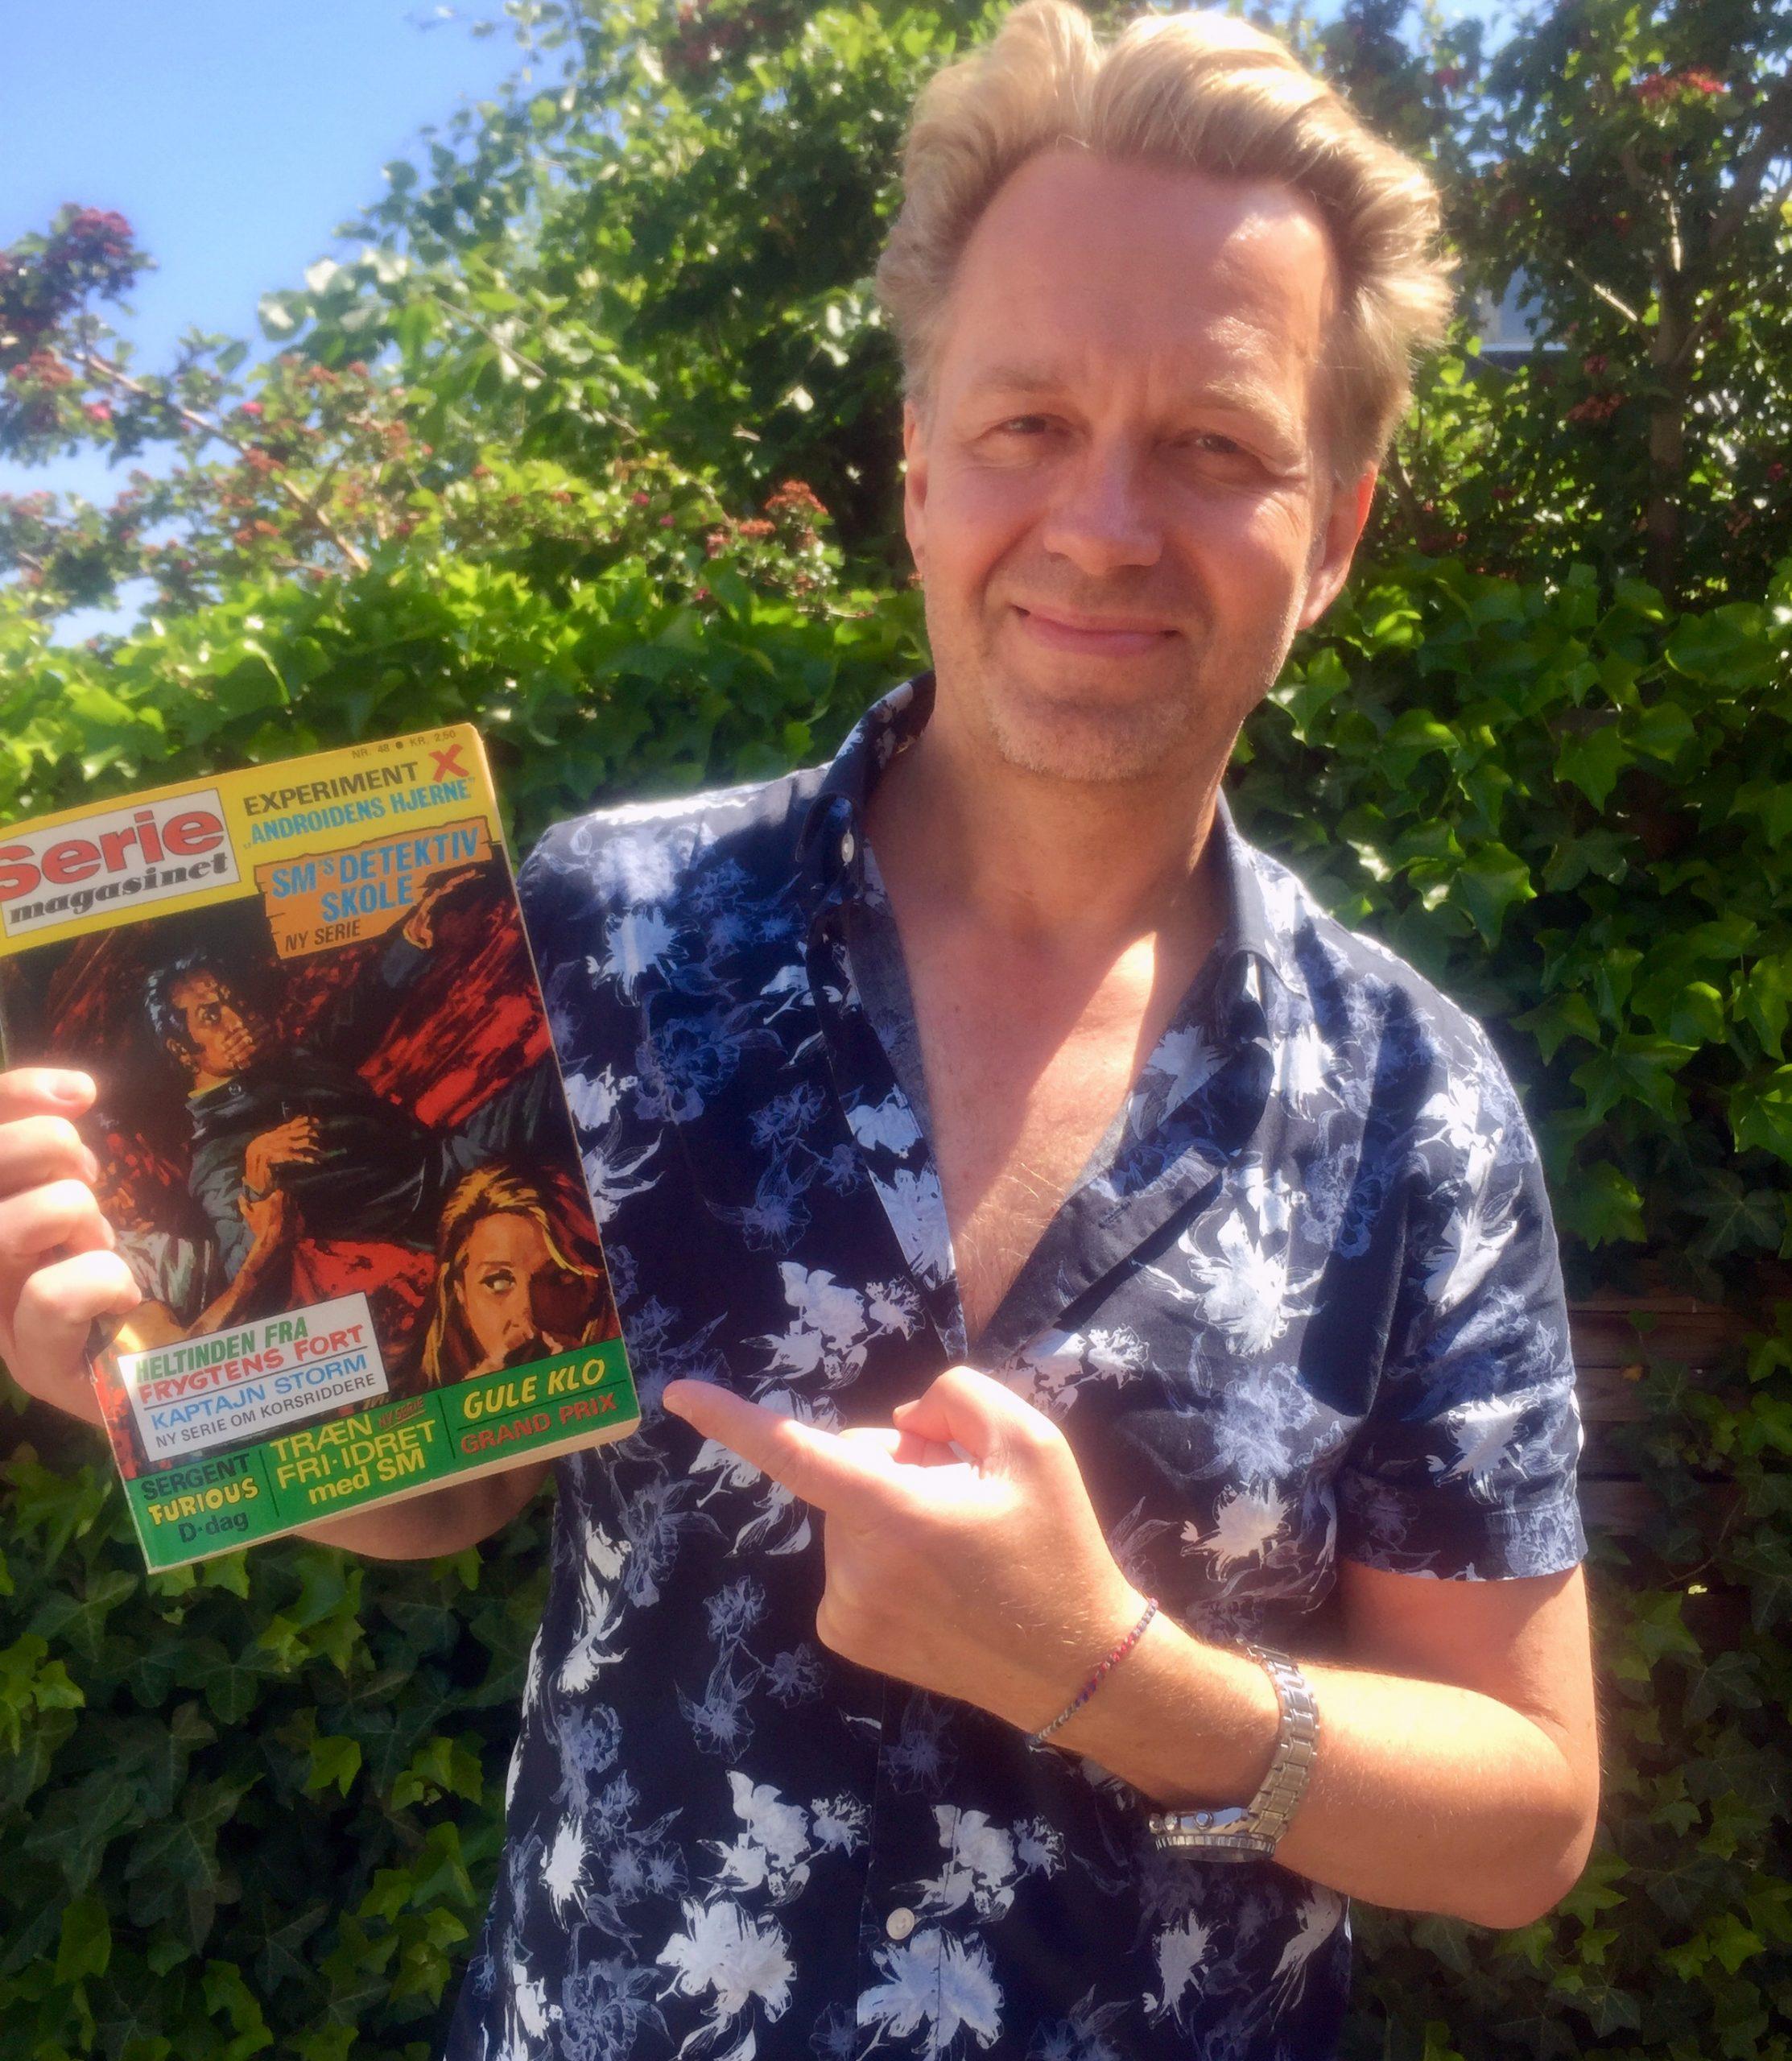 Jakob Melander viser Seriemagasinet nr. 48